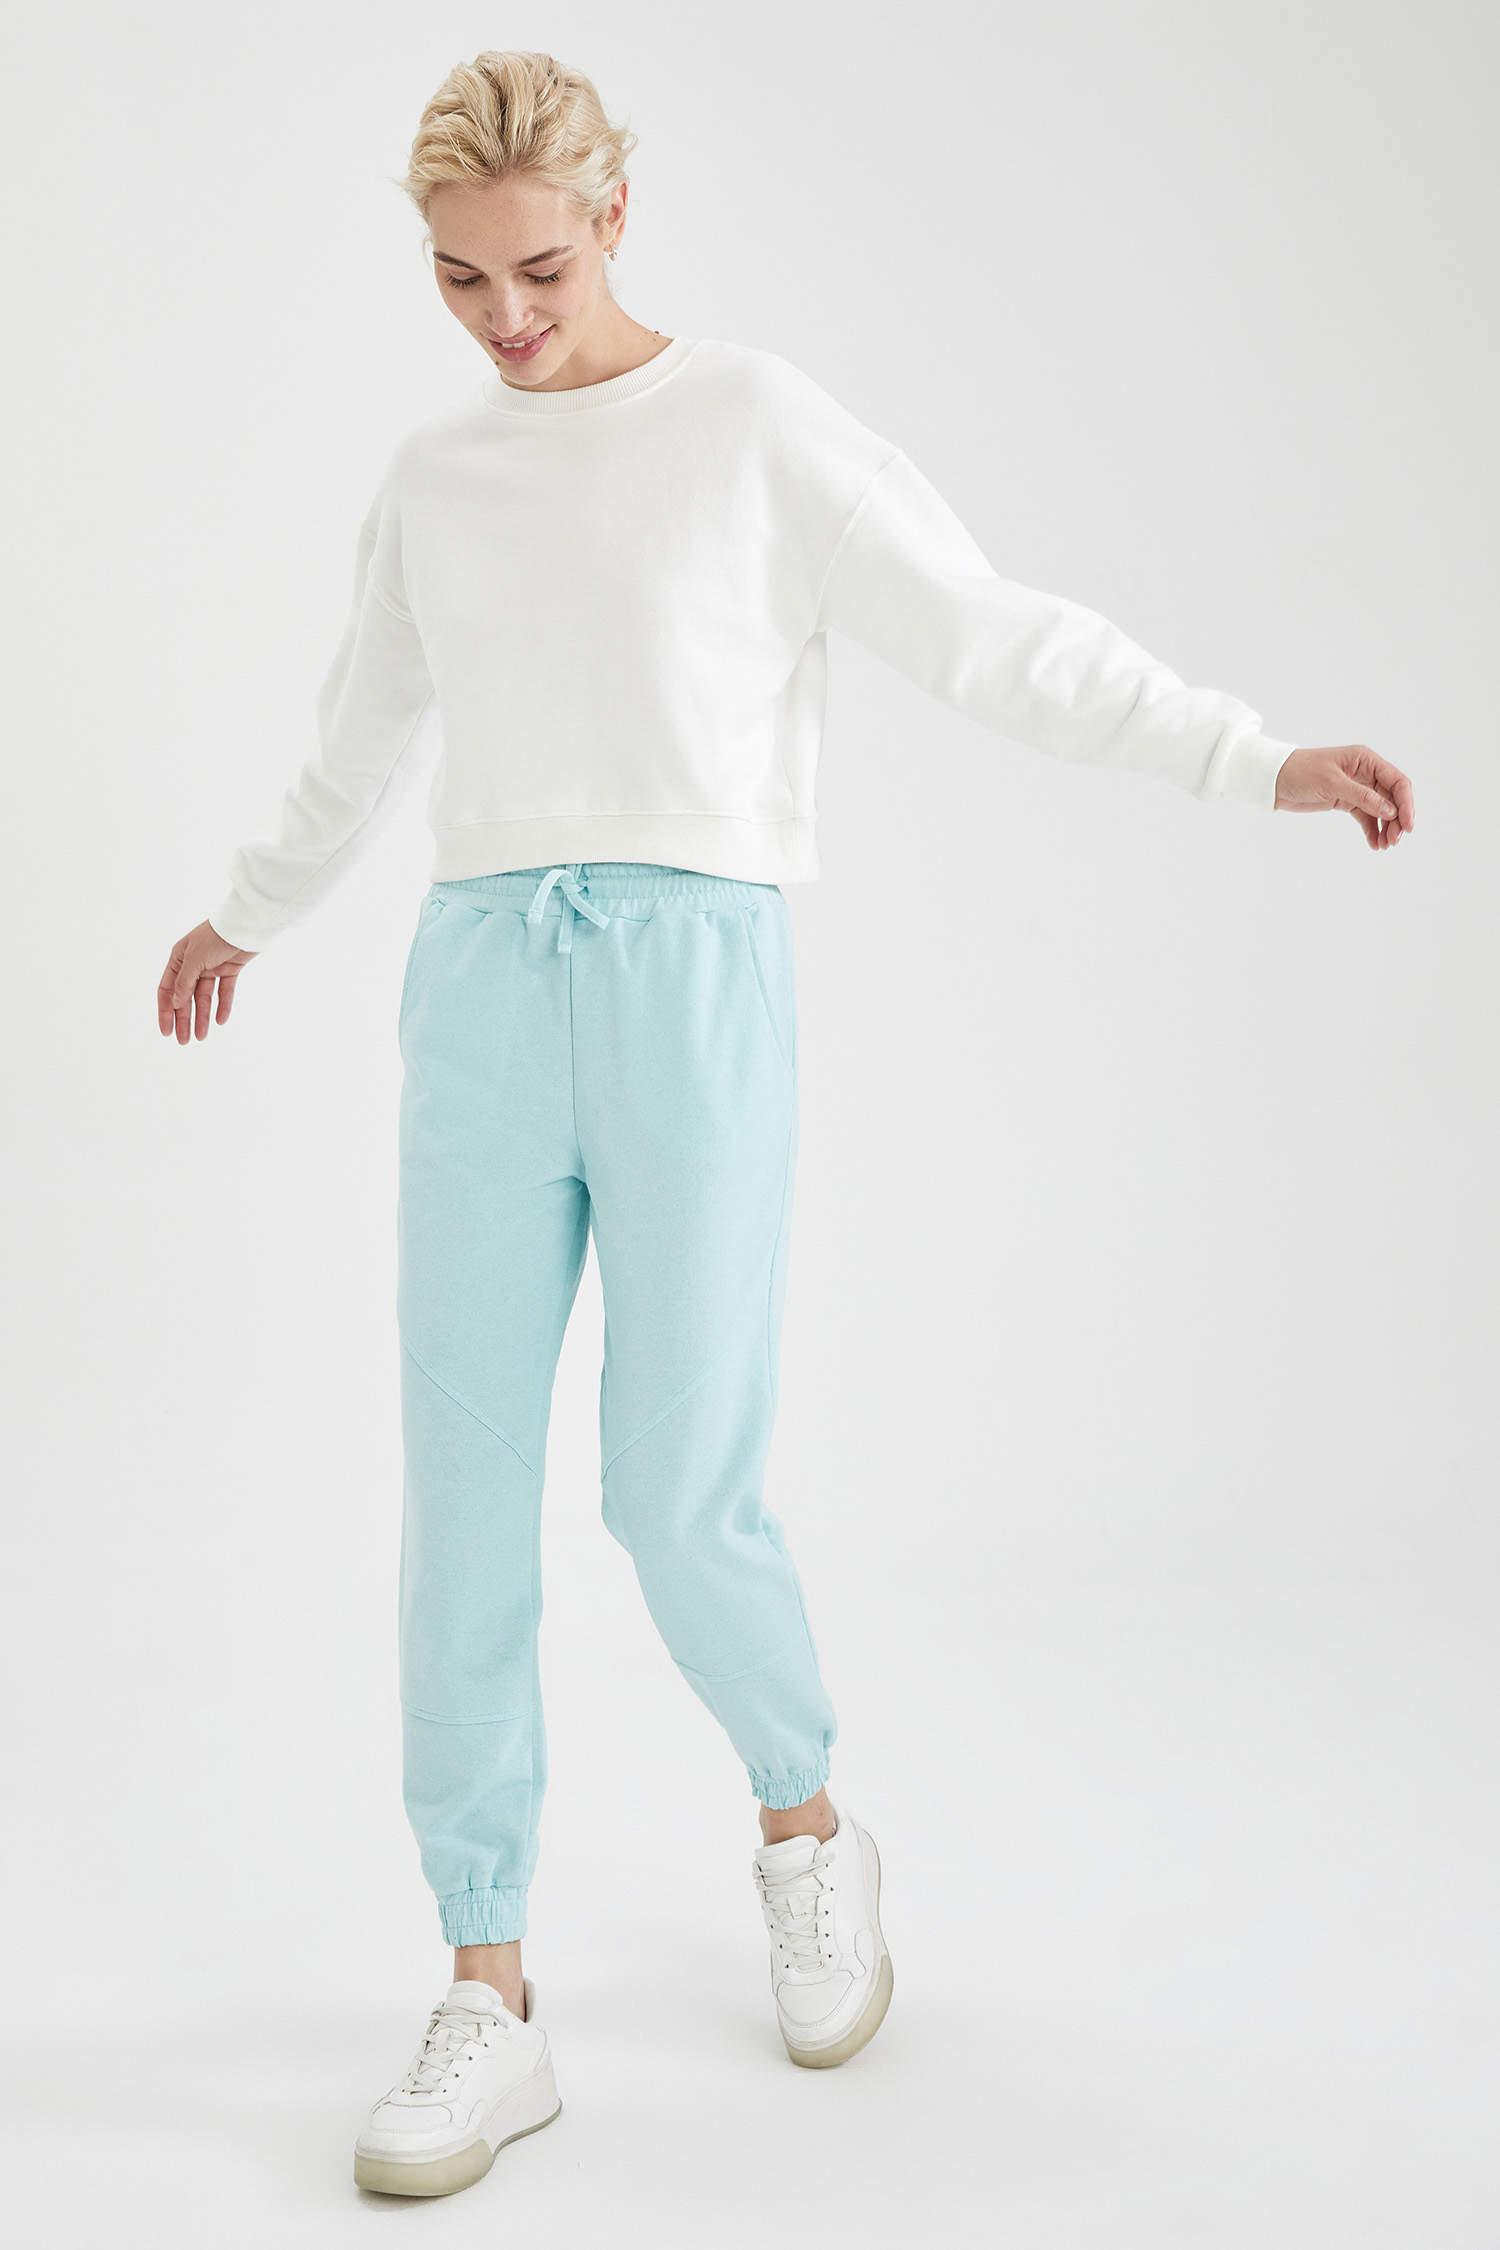 Спортивные штаны DeFacto, Color: Голубой, Size: S